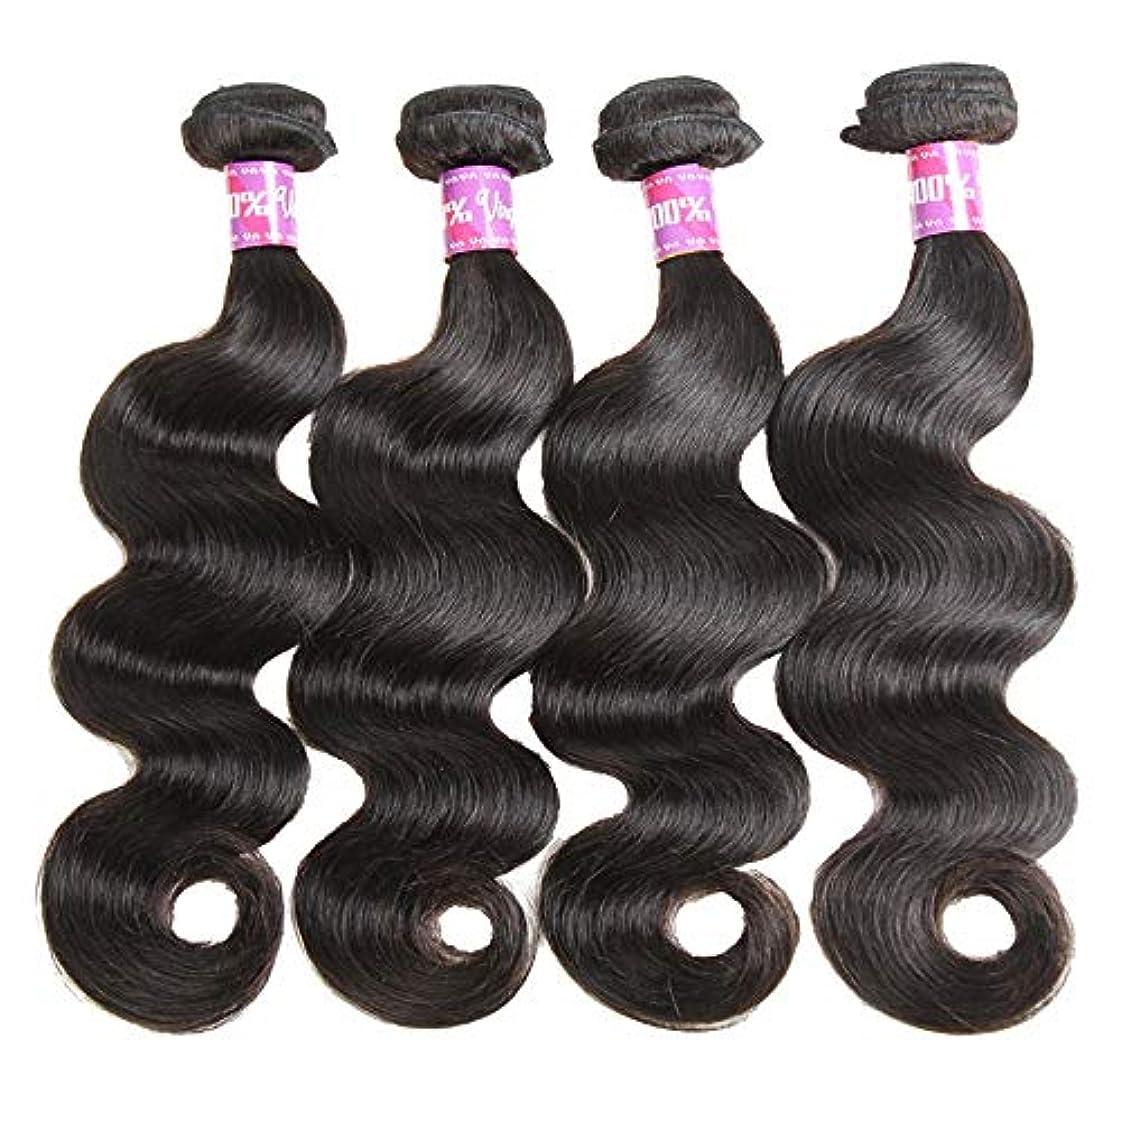 カストディアン必要条件コマンドSRY-Wigファッション ヨーロッパとアメリカ黒人女性のための人間の髪の毛のかつら自然色 (Color : ブラック, Size : 24inch)